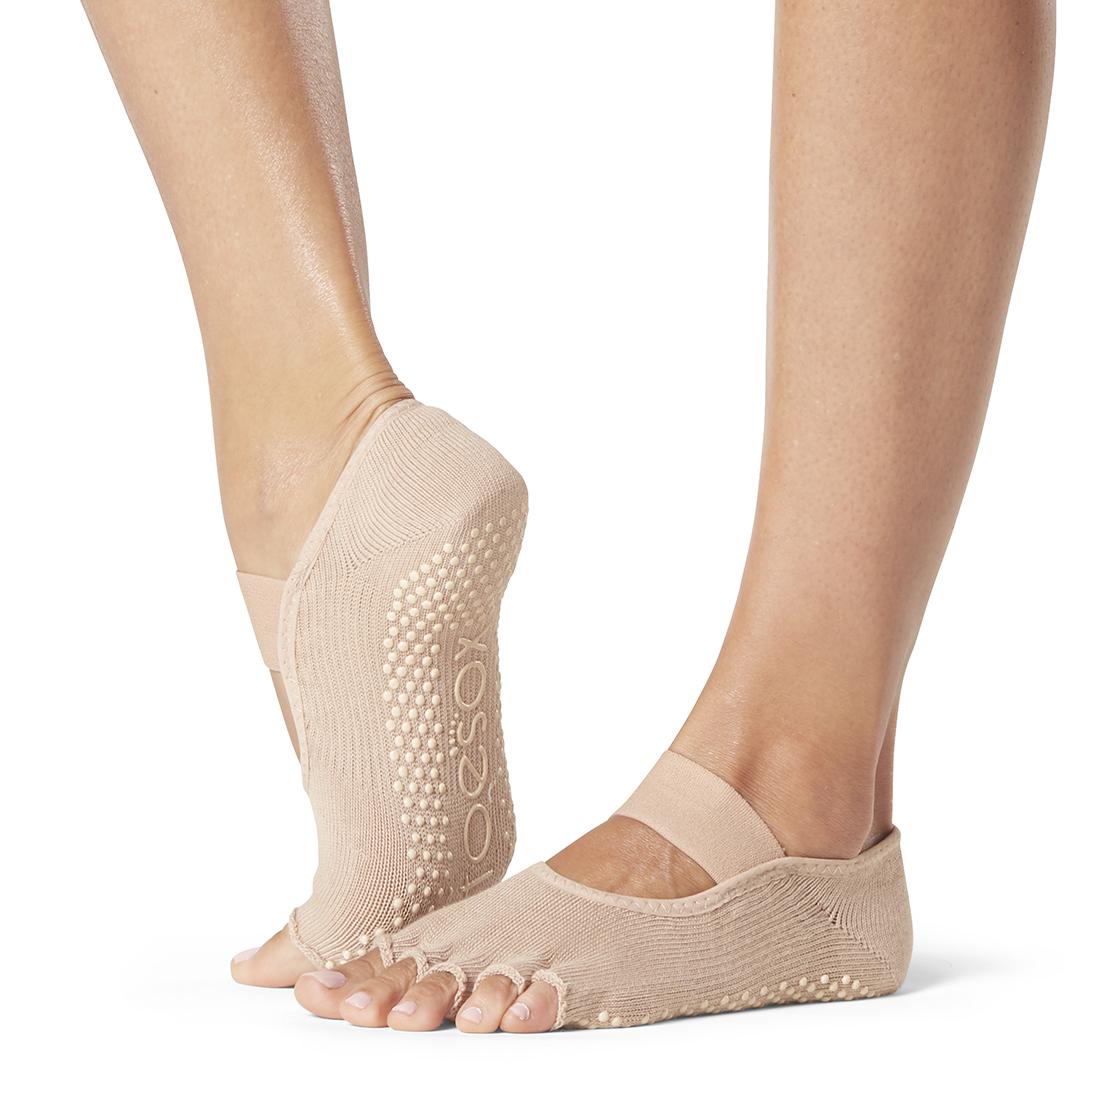 Yogasocken ToeSox Mia Half Toe Nude